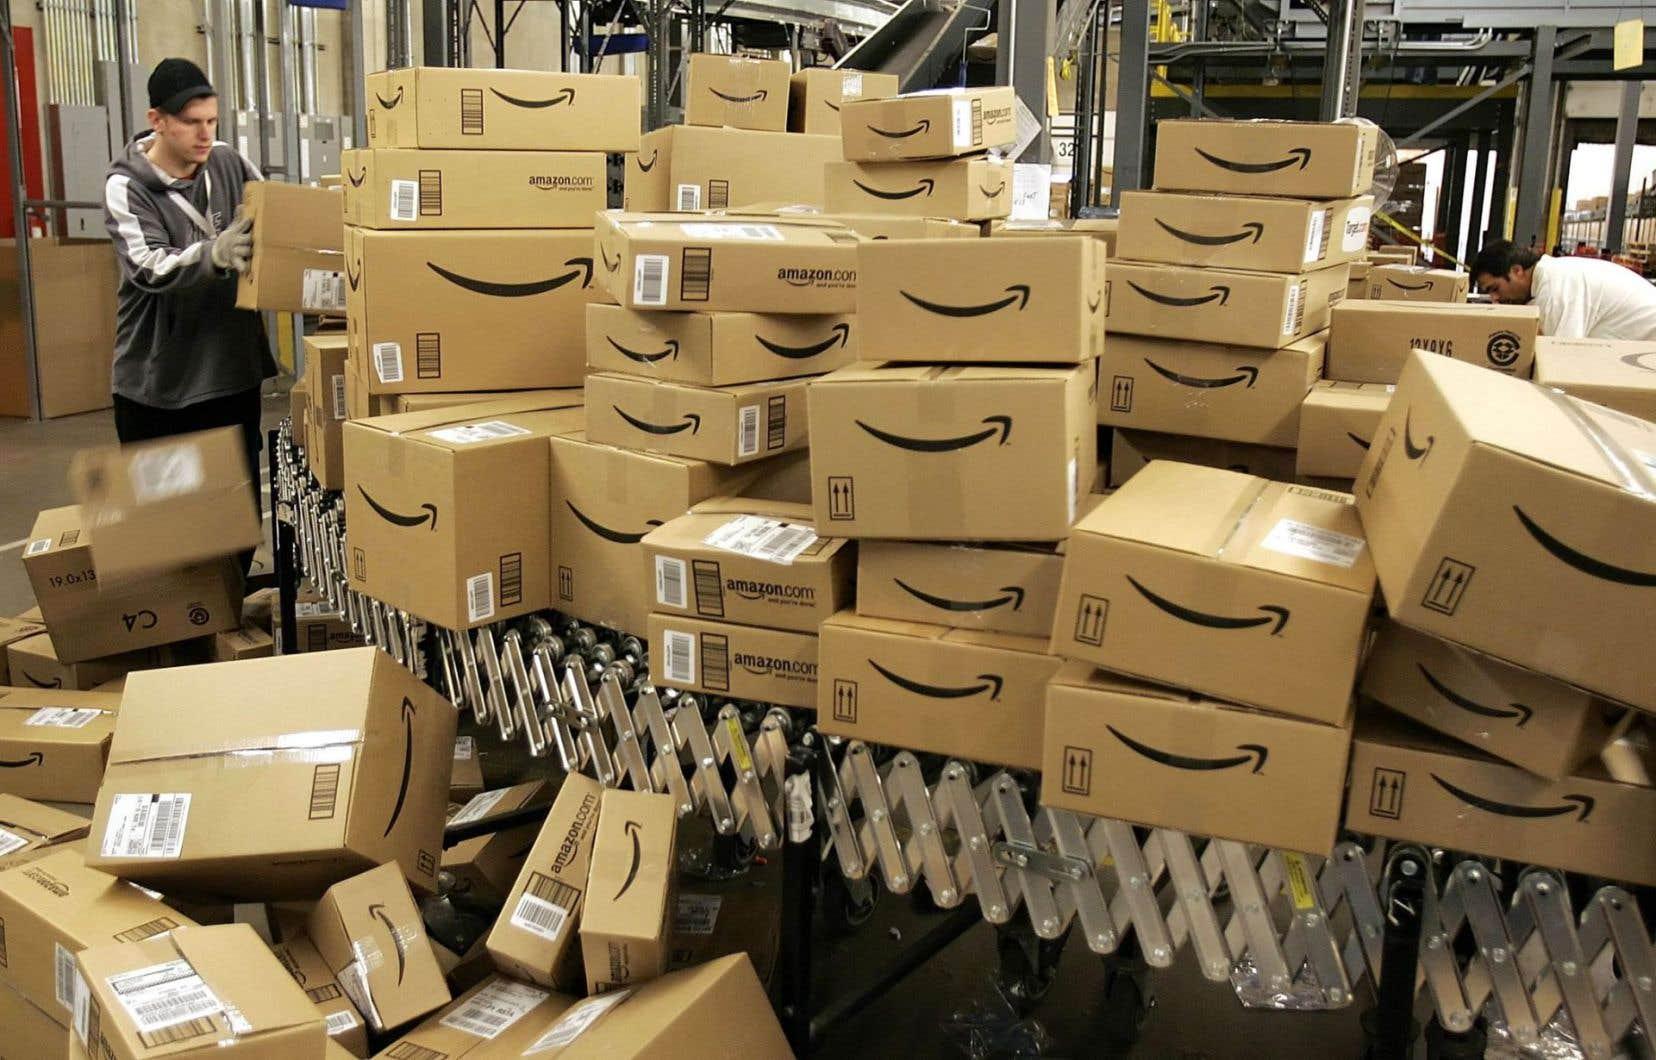 Amazon a enregistré un chiffre d'affaires de 136 milliards $US en 2016 de même qu'un bénéfice net de 2,4 milliards $US.